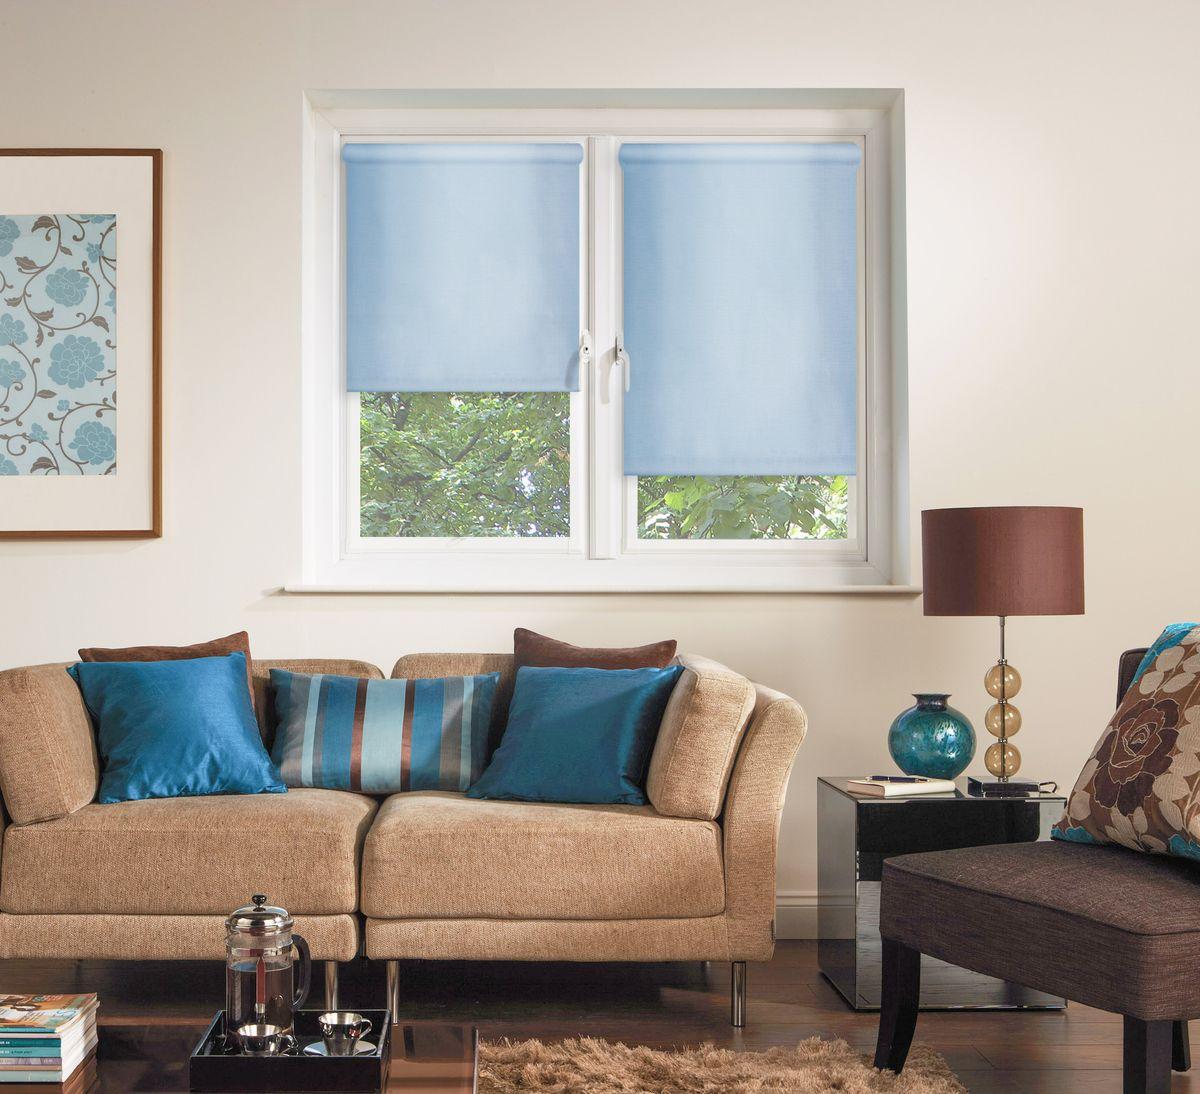 Штора рулонная Эскар Миниролло, цвет: голубой, ширина 98 см, высота 170 см31005098170Рулонная штора Эскар Миниролло выполнена из высокопрочной ткани, которая сохраняет свой размер даже при намокании. Ткань не выцветает и обладает отличной цветоустойчивостью. Миниролло - это подвид рулонных штор, который закрывает не весь оконный проем, а непосредственно само стекло. Такие шторы крепятся на раму без сверления при помощи зажимов или клейкой двухсторонней ленты (в комплекте). Окно остается на гарантии, благодаря монтажу без сверления. Такая штора станет прекрасным элементом декора окна и гармонично впишется в интерьер любого помещения.